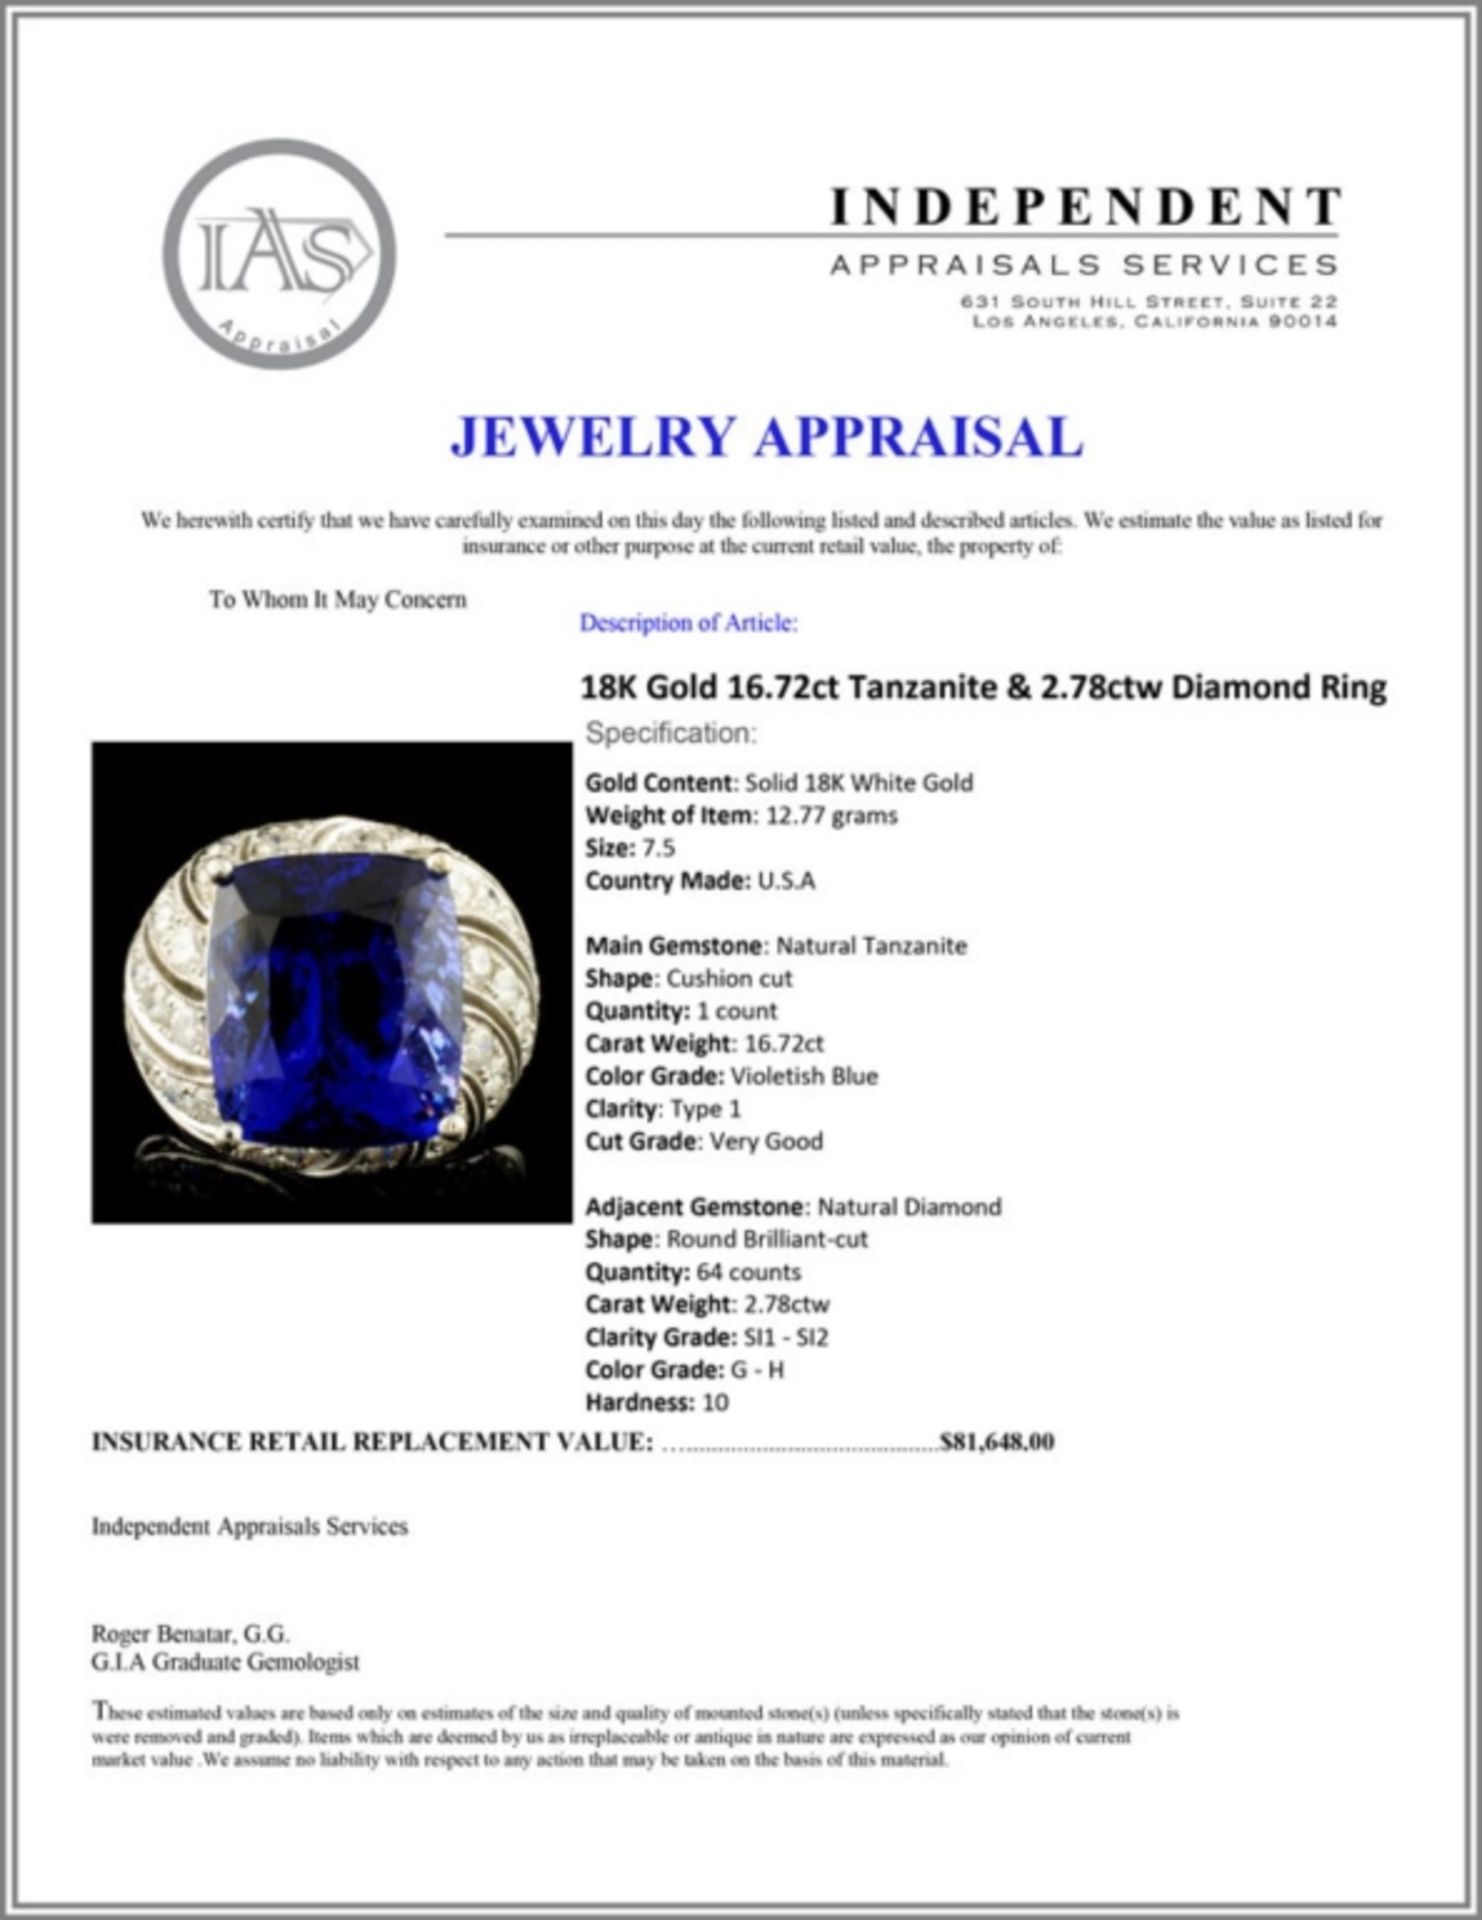 18K Gold 16.72ct Tanzanite & 2.78ctw Diamond Ring - Image 6 of 6